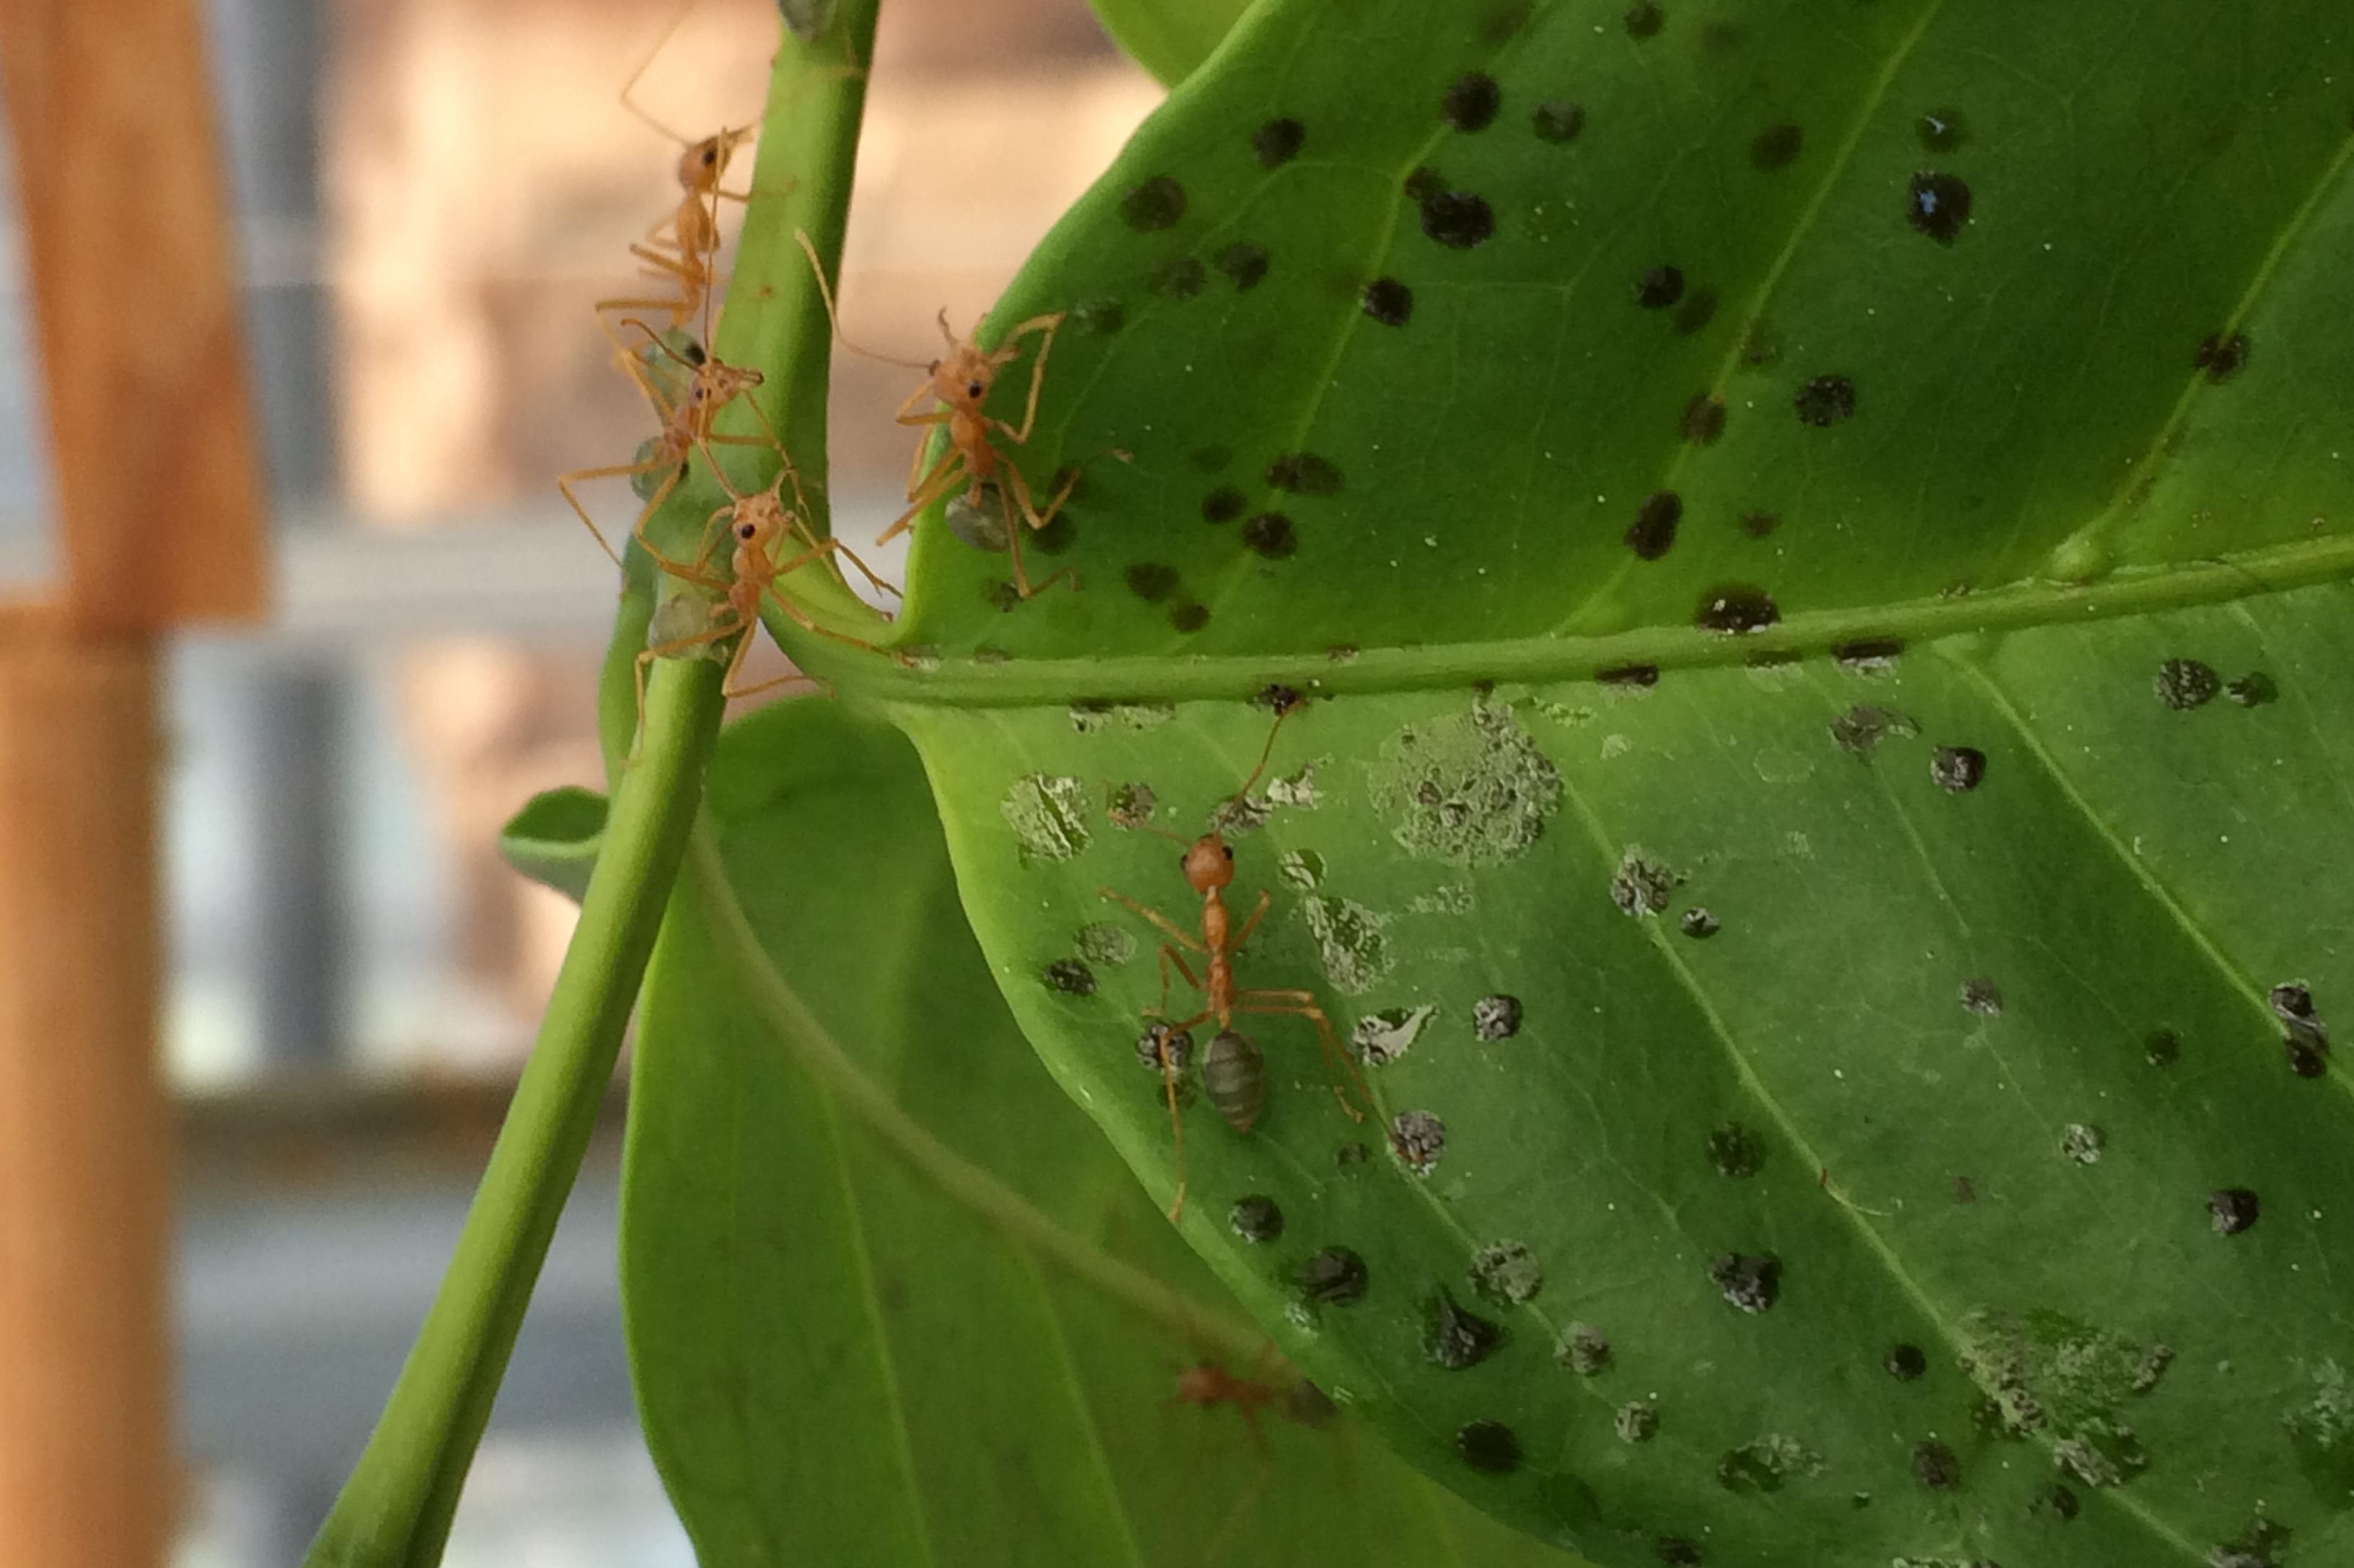 Vævermyre på kaffeplante